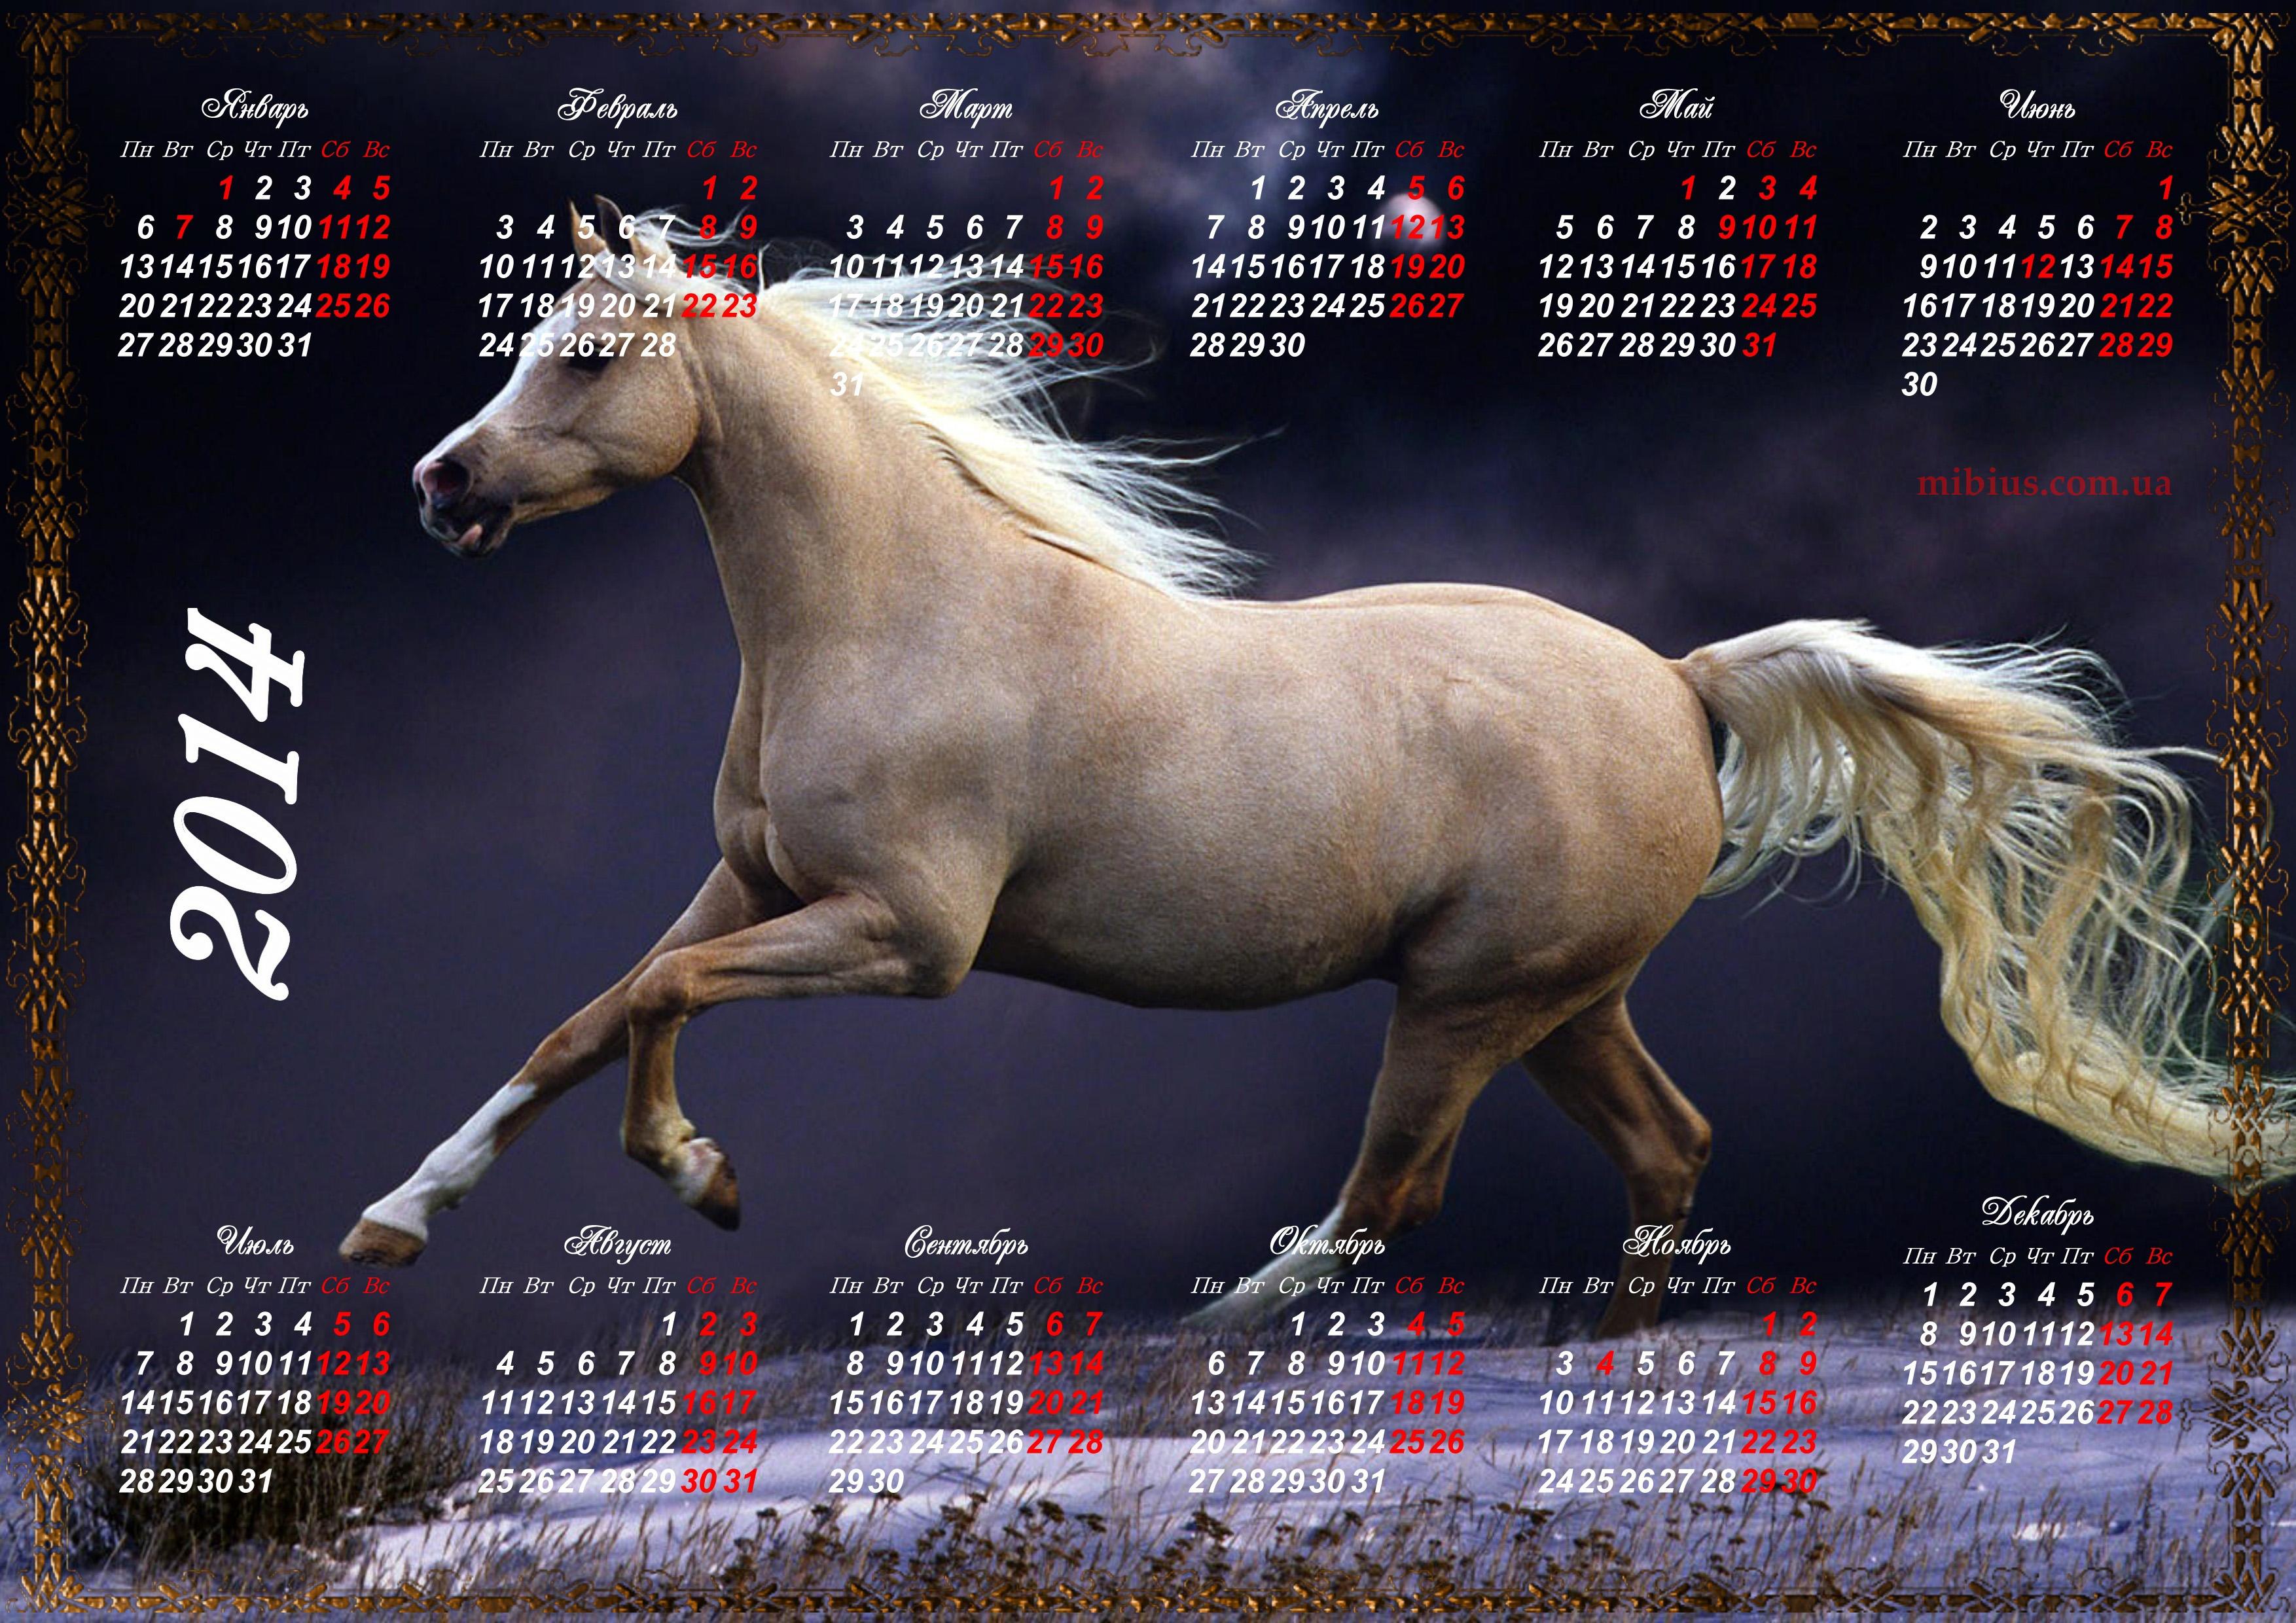 Скачать обои календарь, лошадь, 2014 год на рабочий стол. .  Картинки для рабочего стола без регистрации.